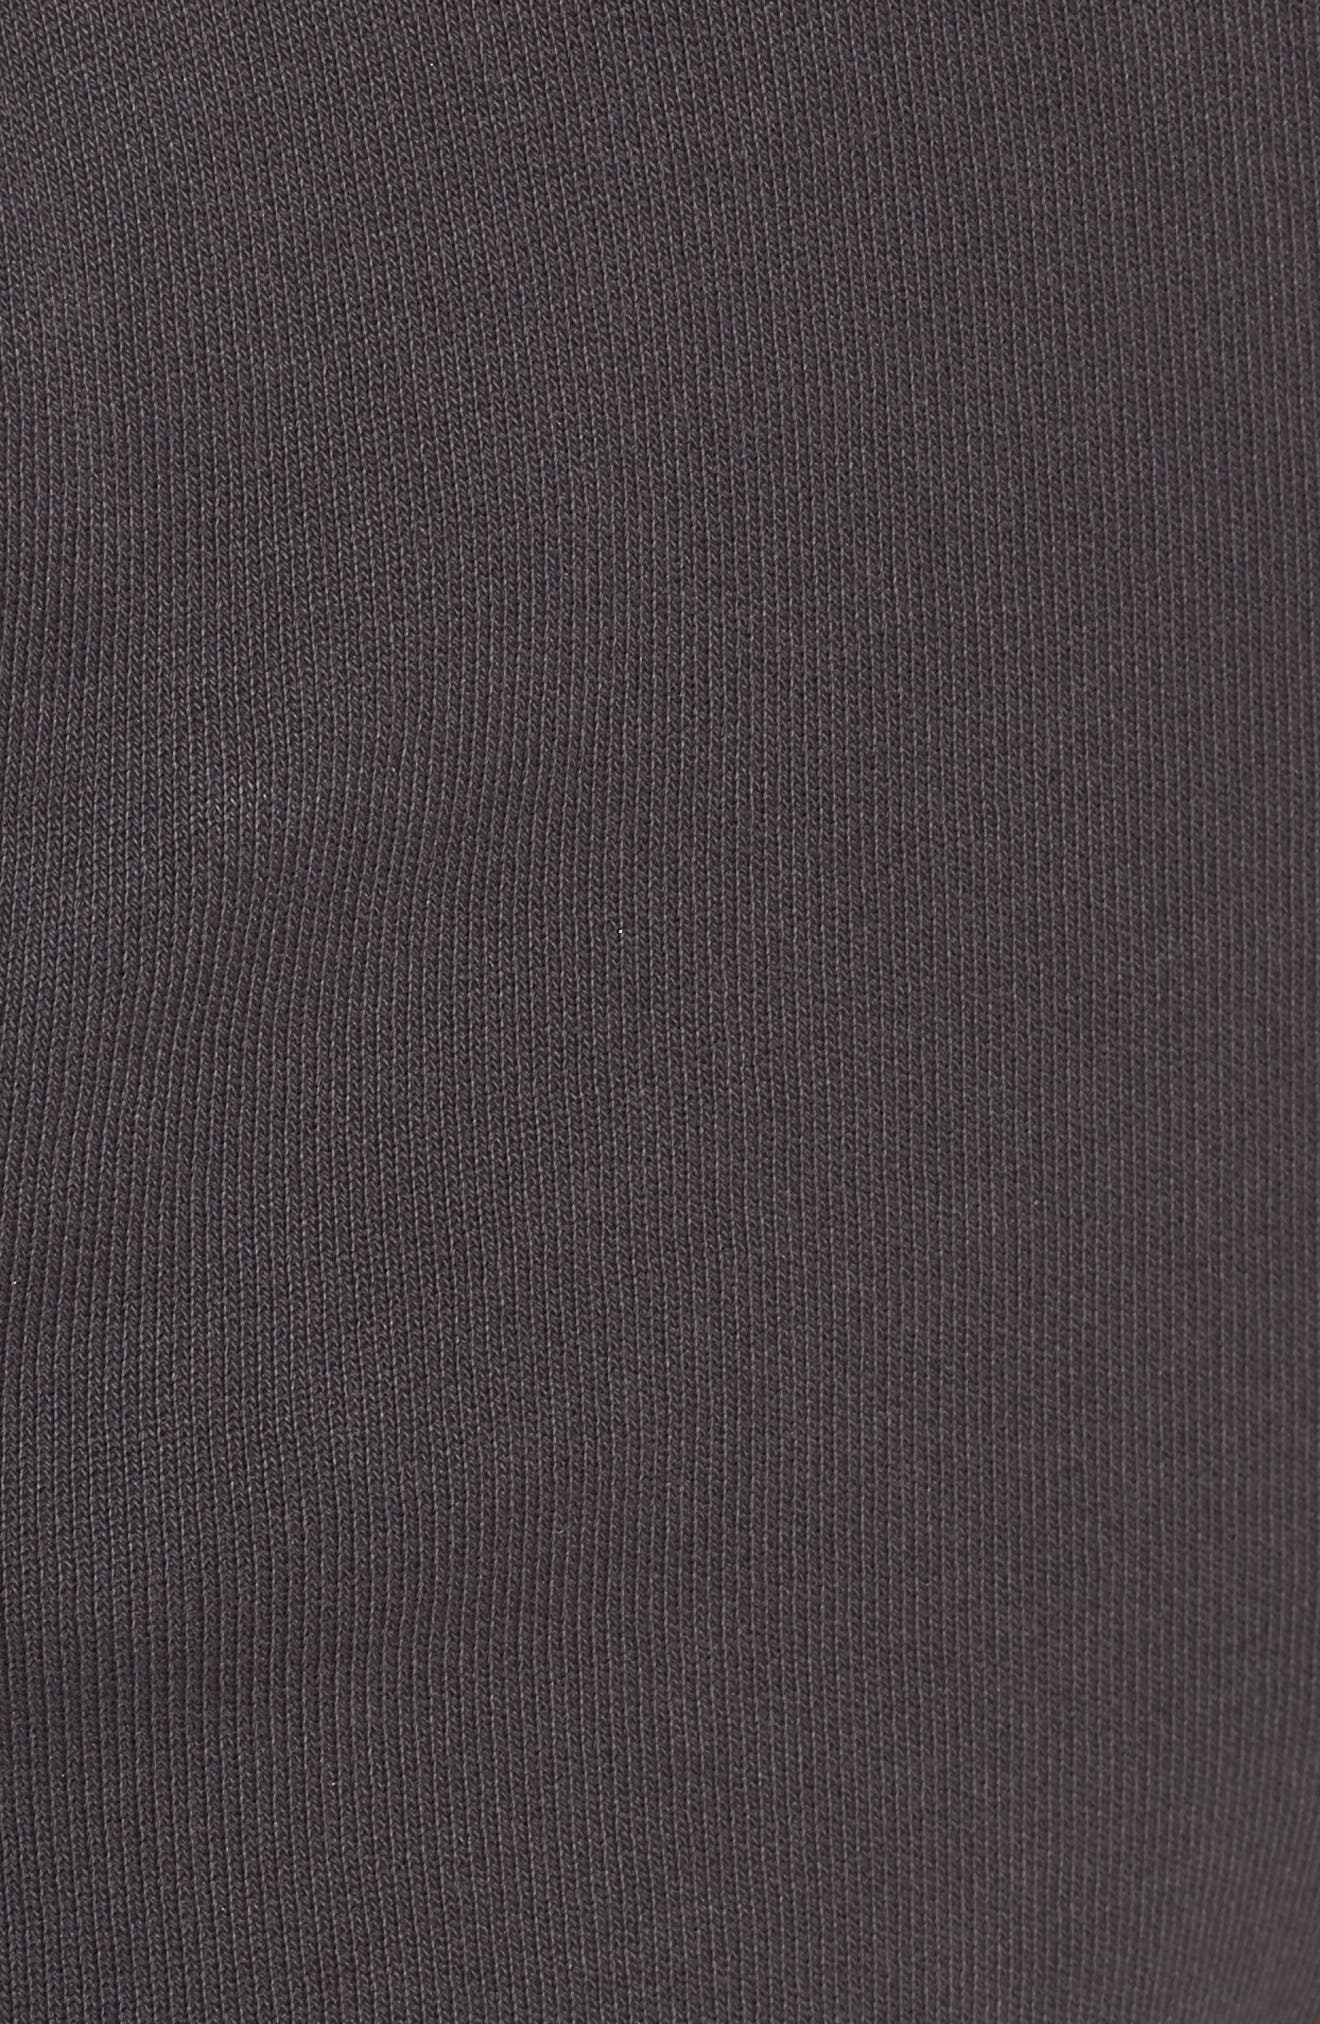 Crop Sweatpants,                             Alternate thumbnail 6, color,                             CARBON